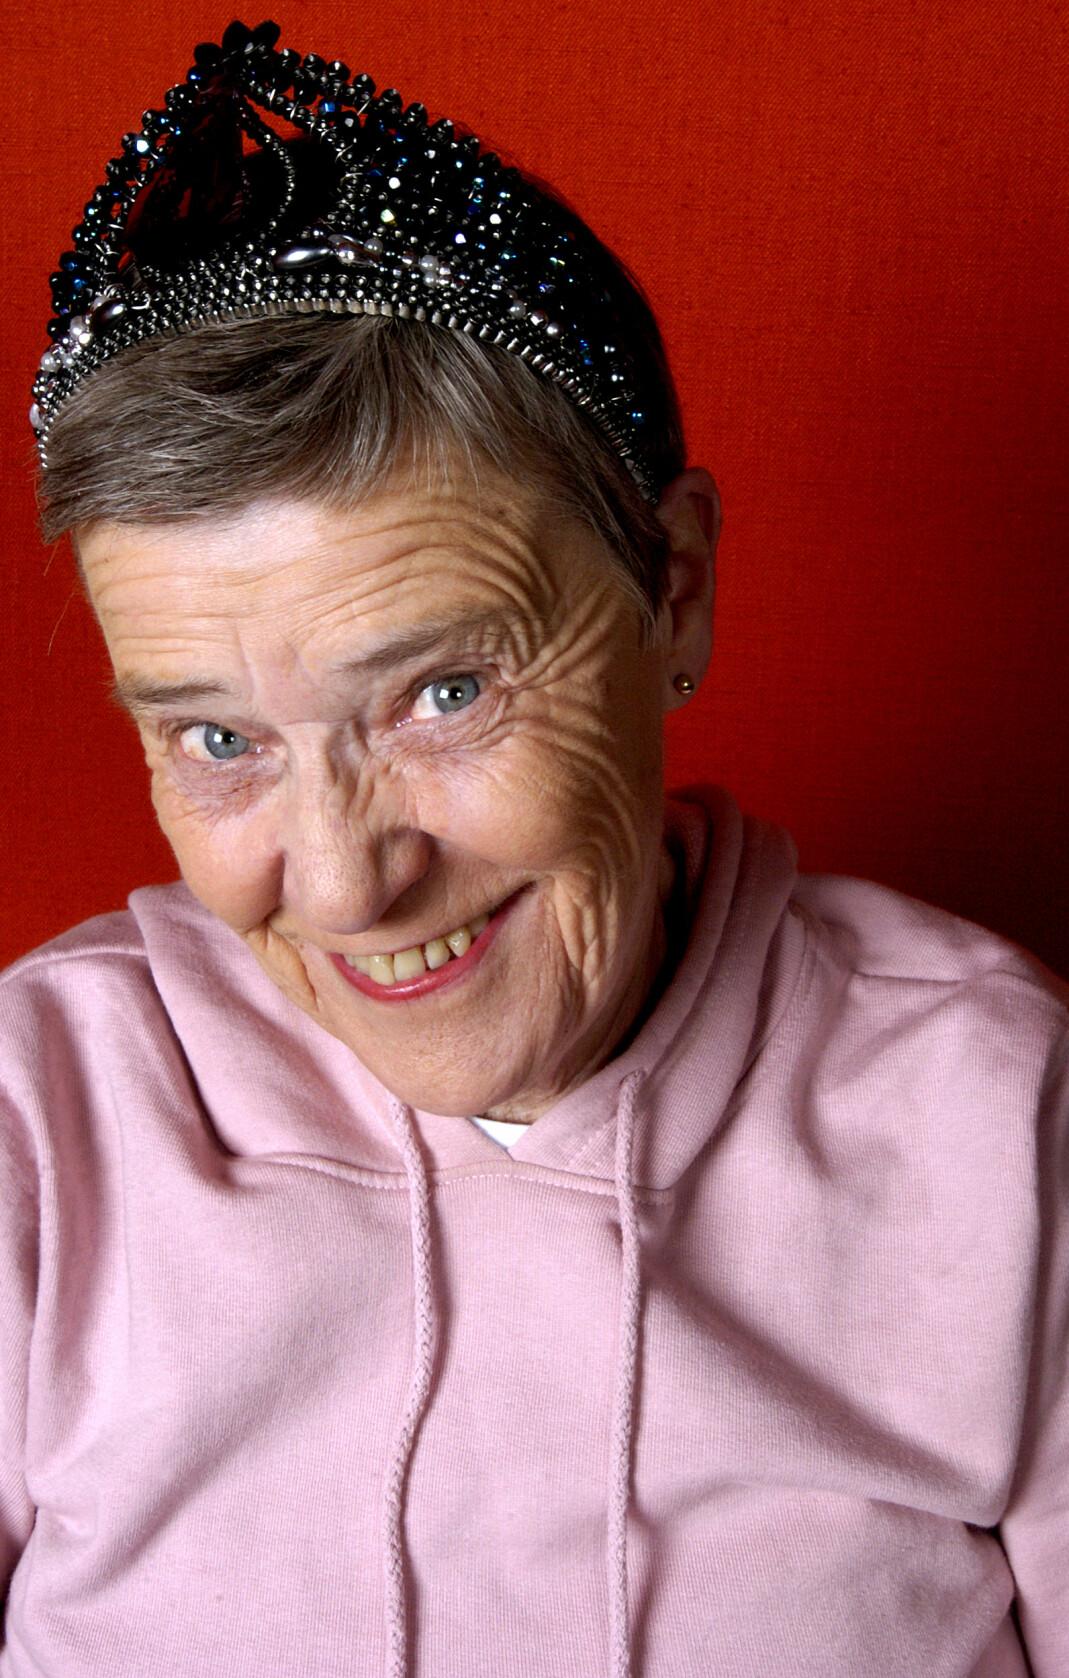 For over 60 år siden Kim Friele satt på en benk utenfor Nasjonalteatret og kikket etter damer med kort hår og buksedresser. Nå er hun Norges mest legendariske homorettighetsforkjemper.